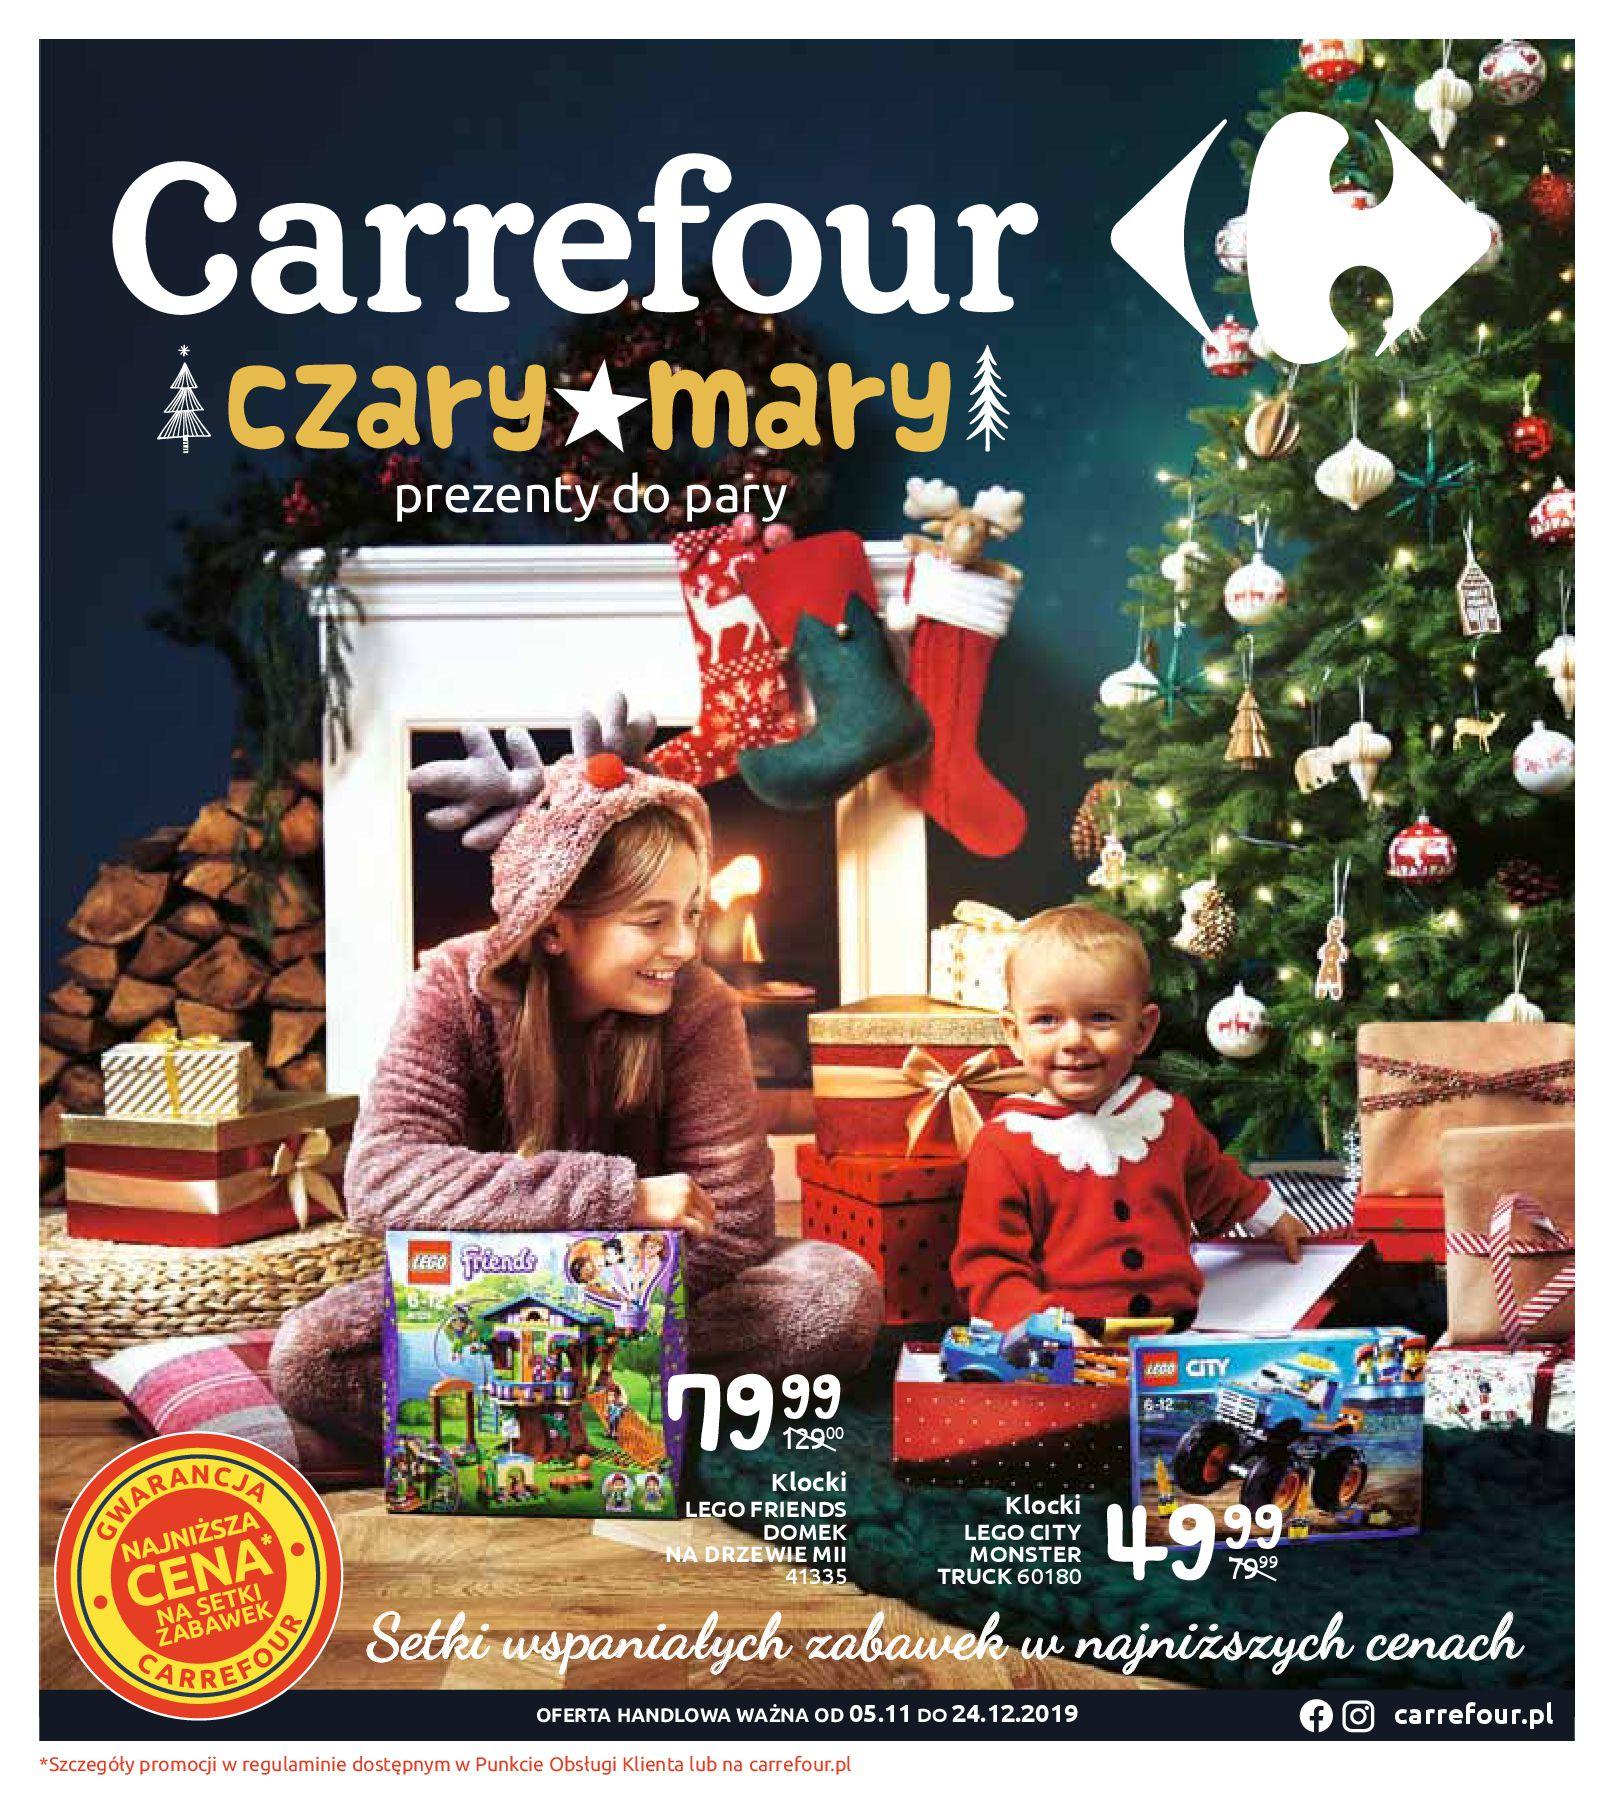 Gazetka Carrefour - Czary mary-03.11.2019-24.12.2019-page-1